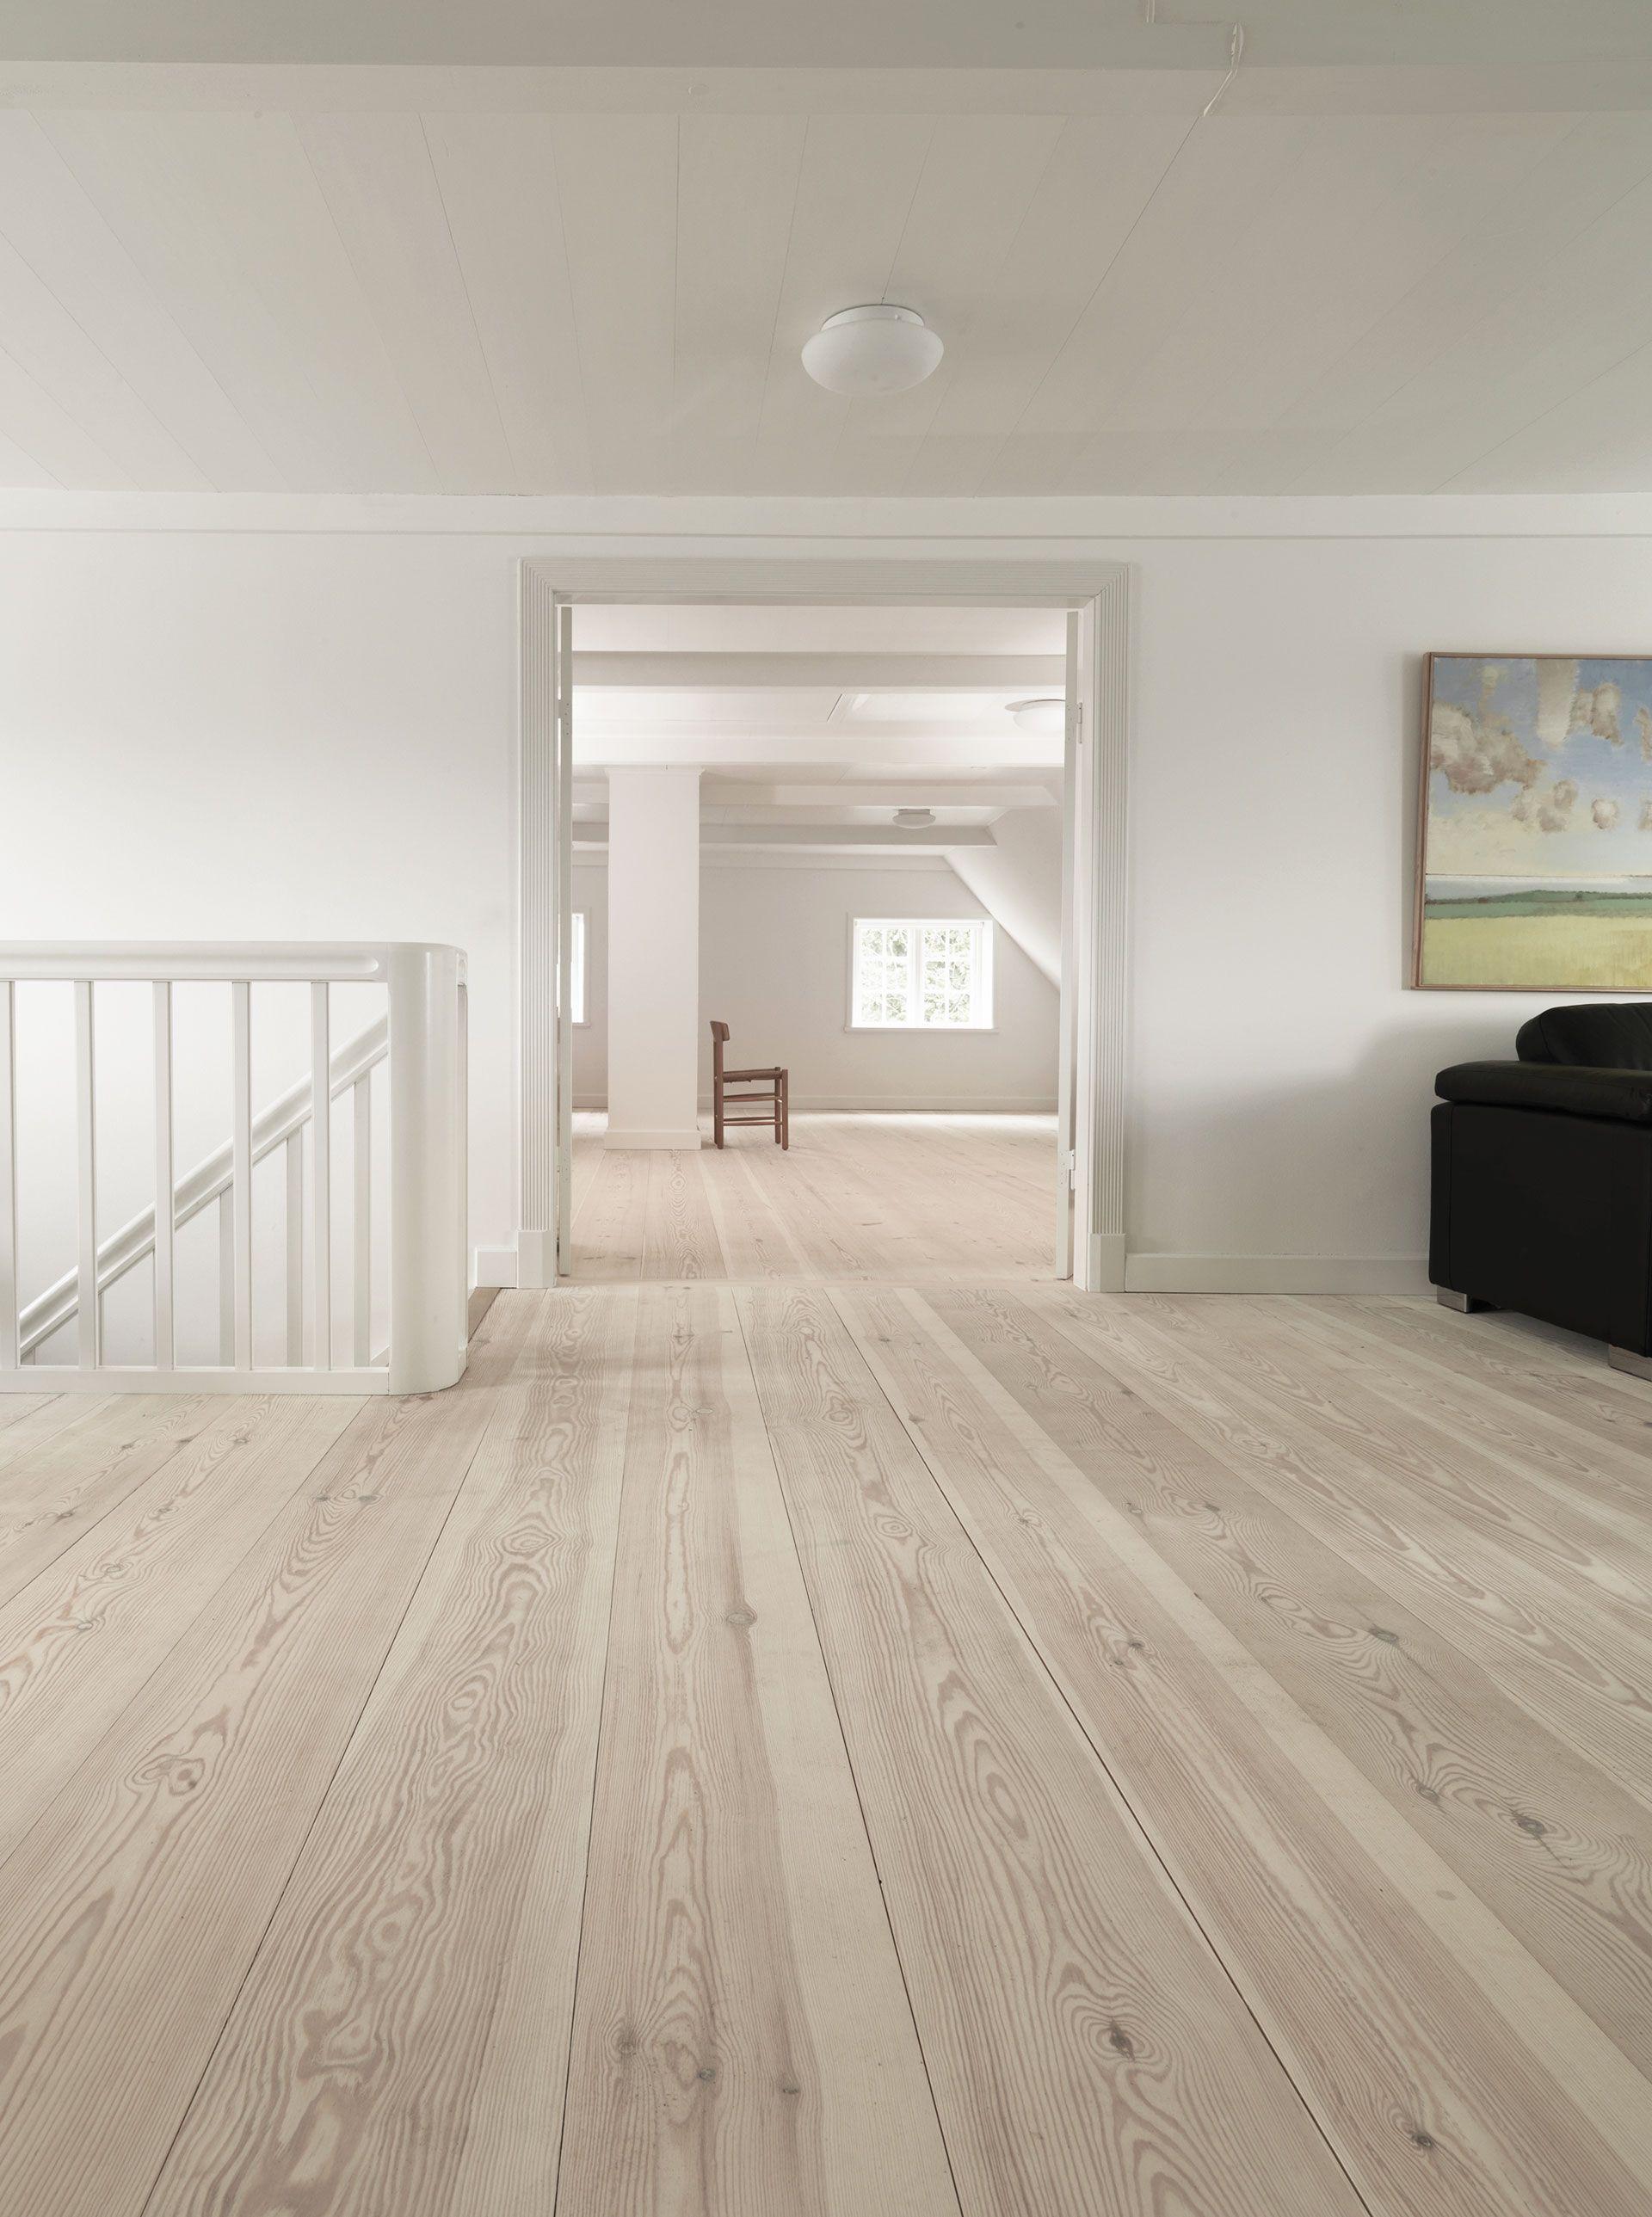 Pin By Larissa Doronina On Bathroom Materials Solid Wood Flooring Flooring Ash Flooring